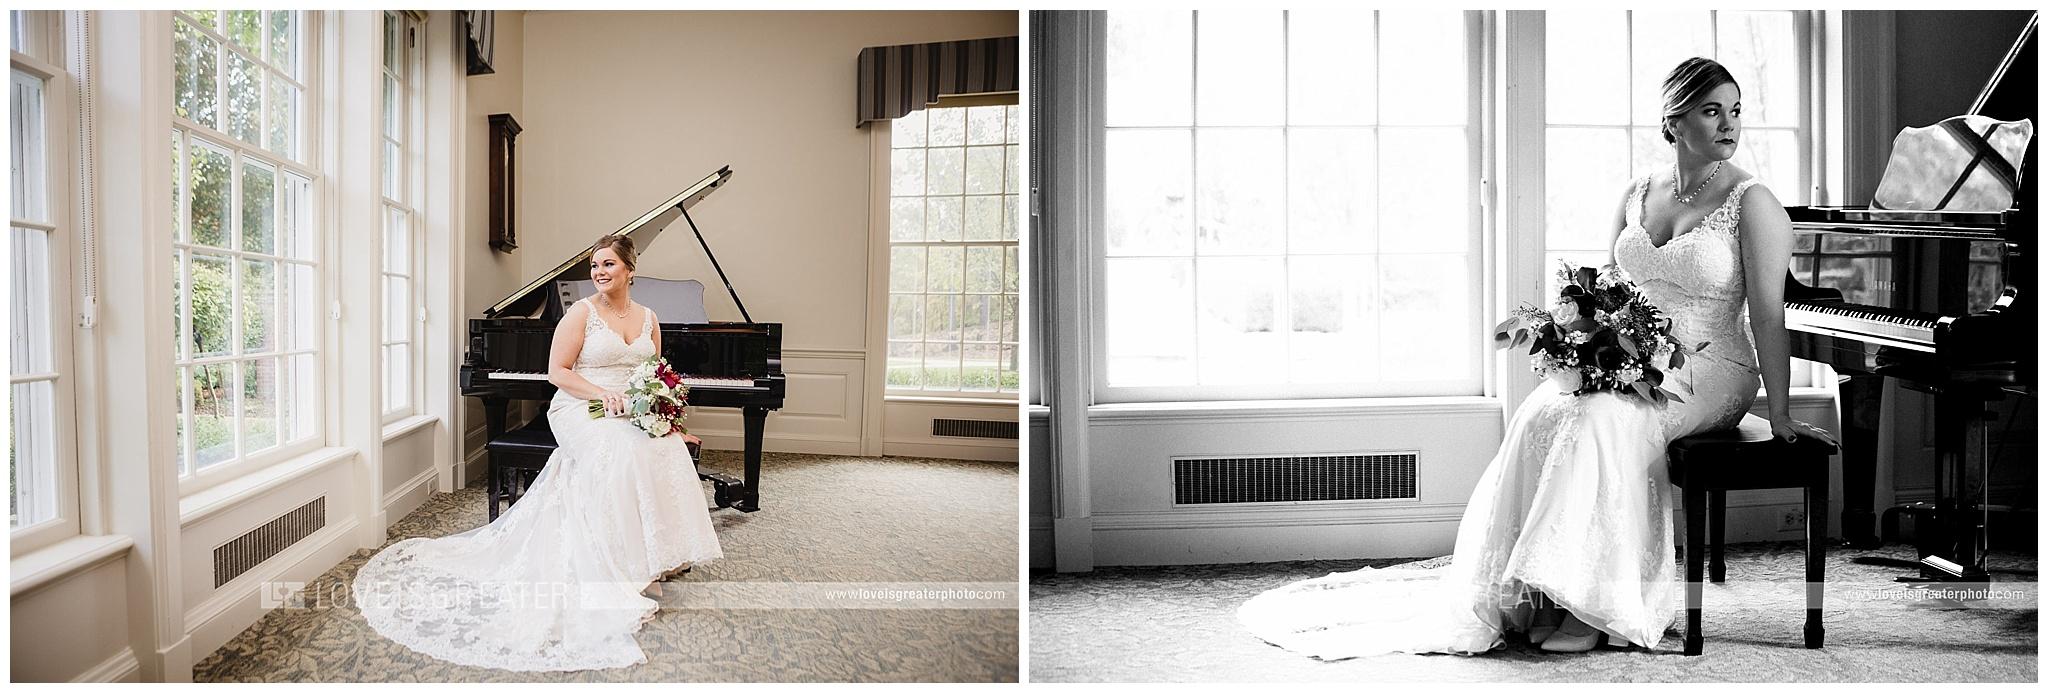 toledo-wedding-photographer_0035